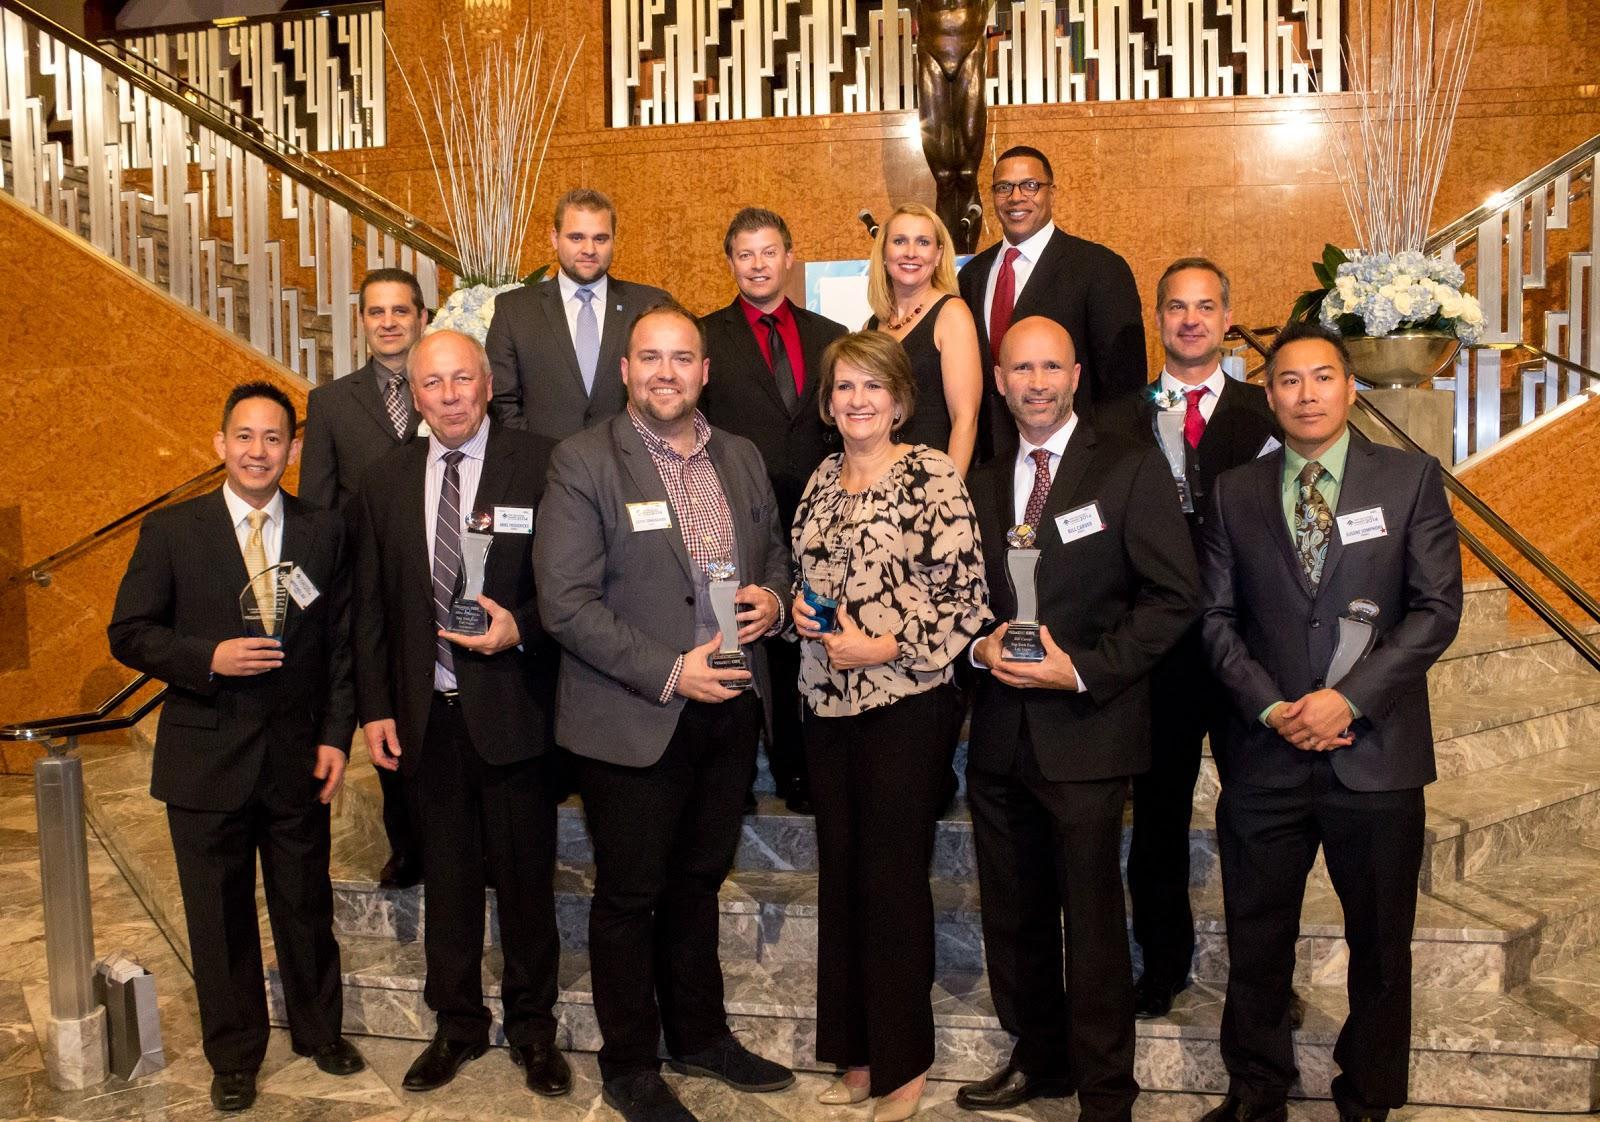 Vegas Inc Awards PuTTinOuT.com 2014 Top Tech Community Exemplary Award